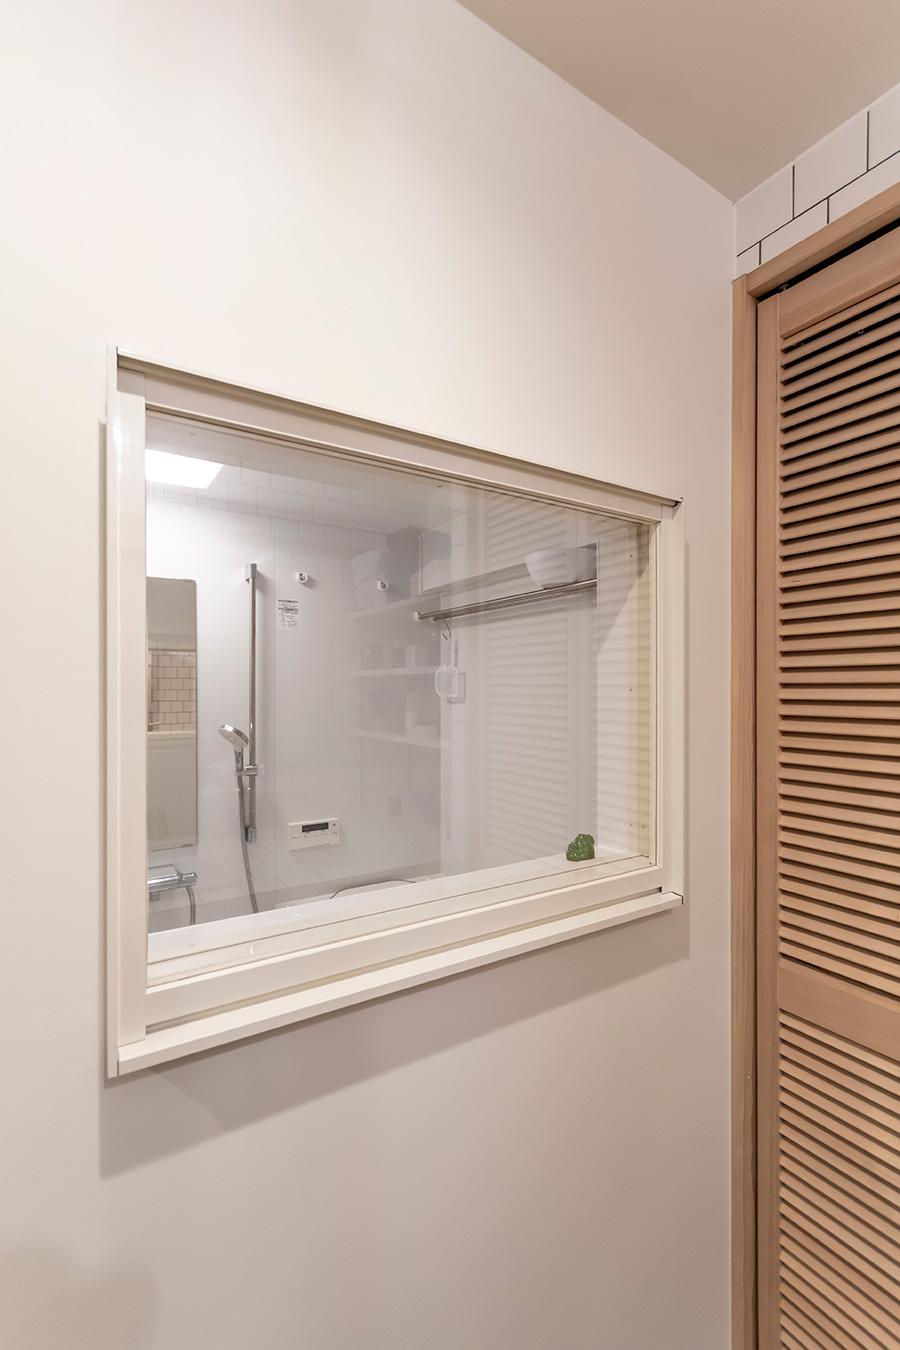 小窓を設けることで浴室に開放感を演出。